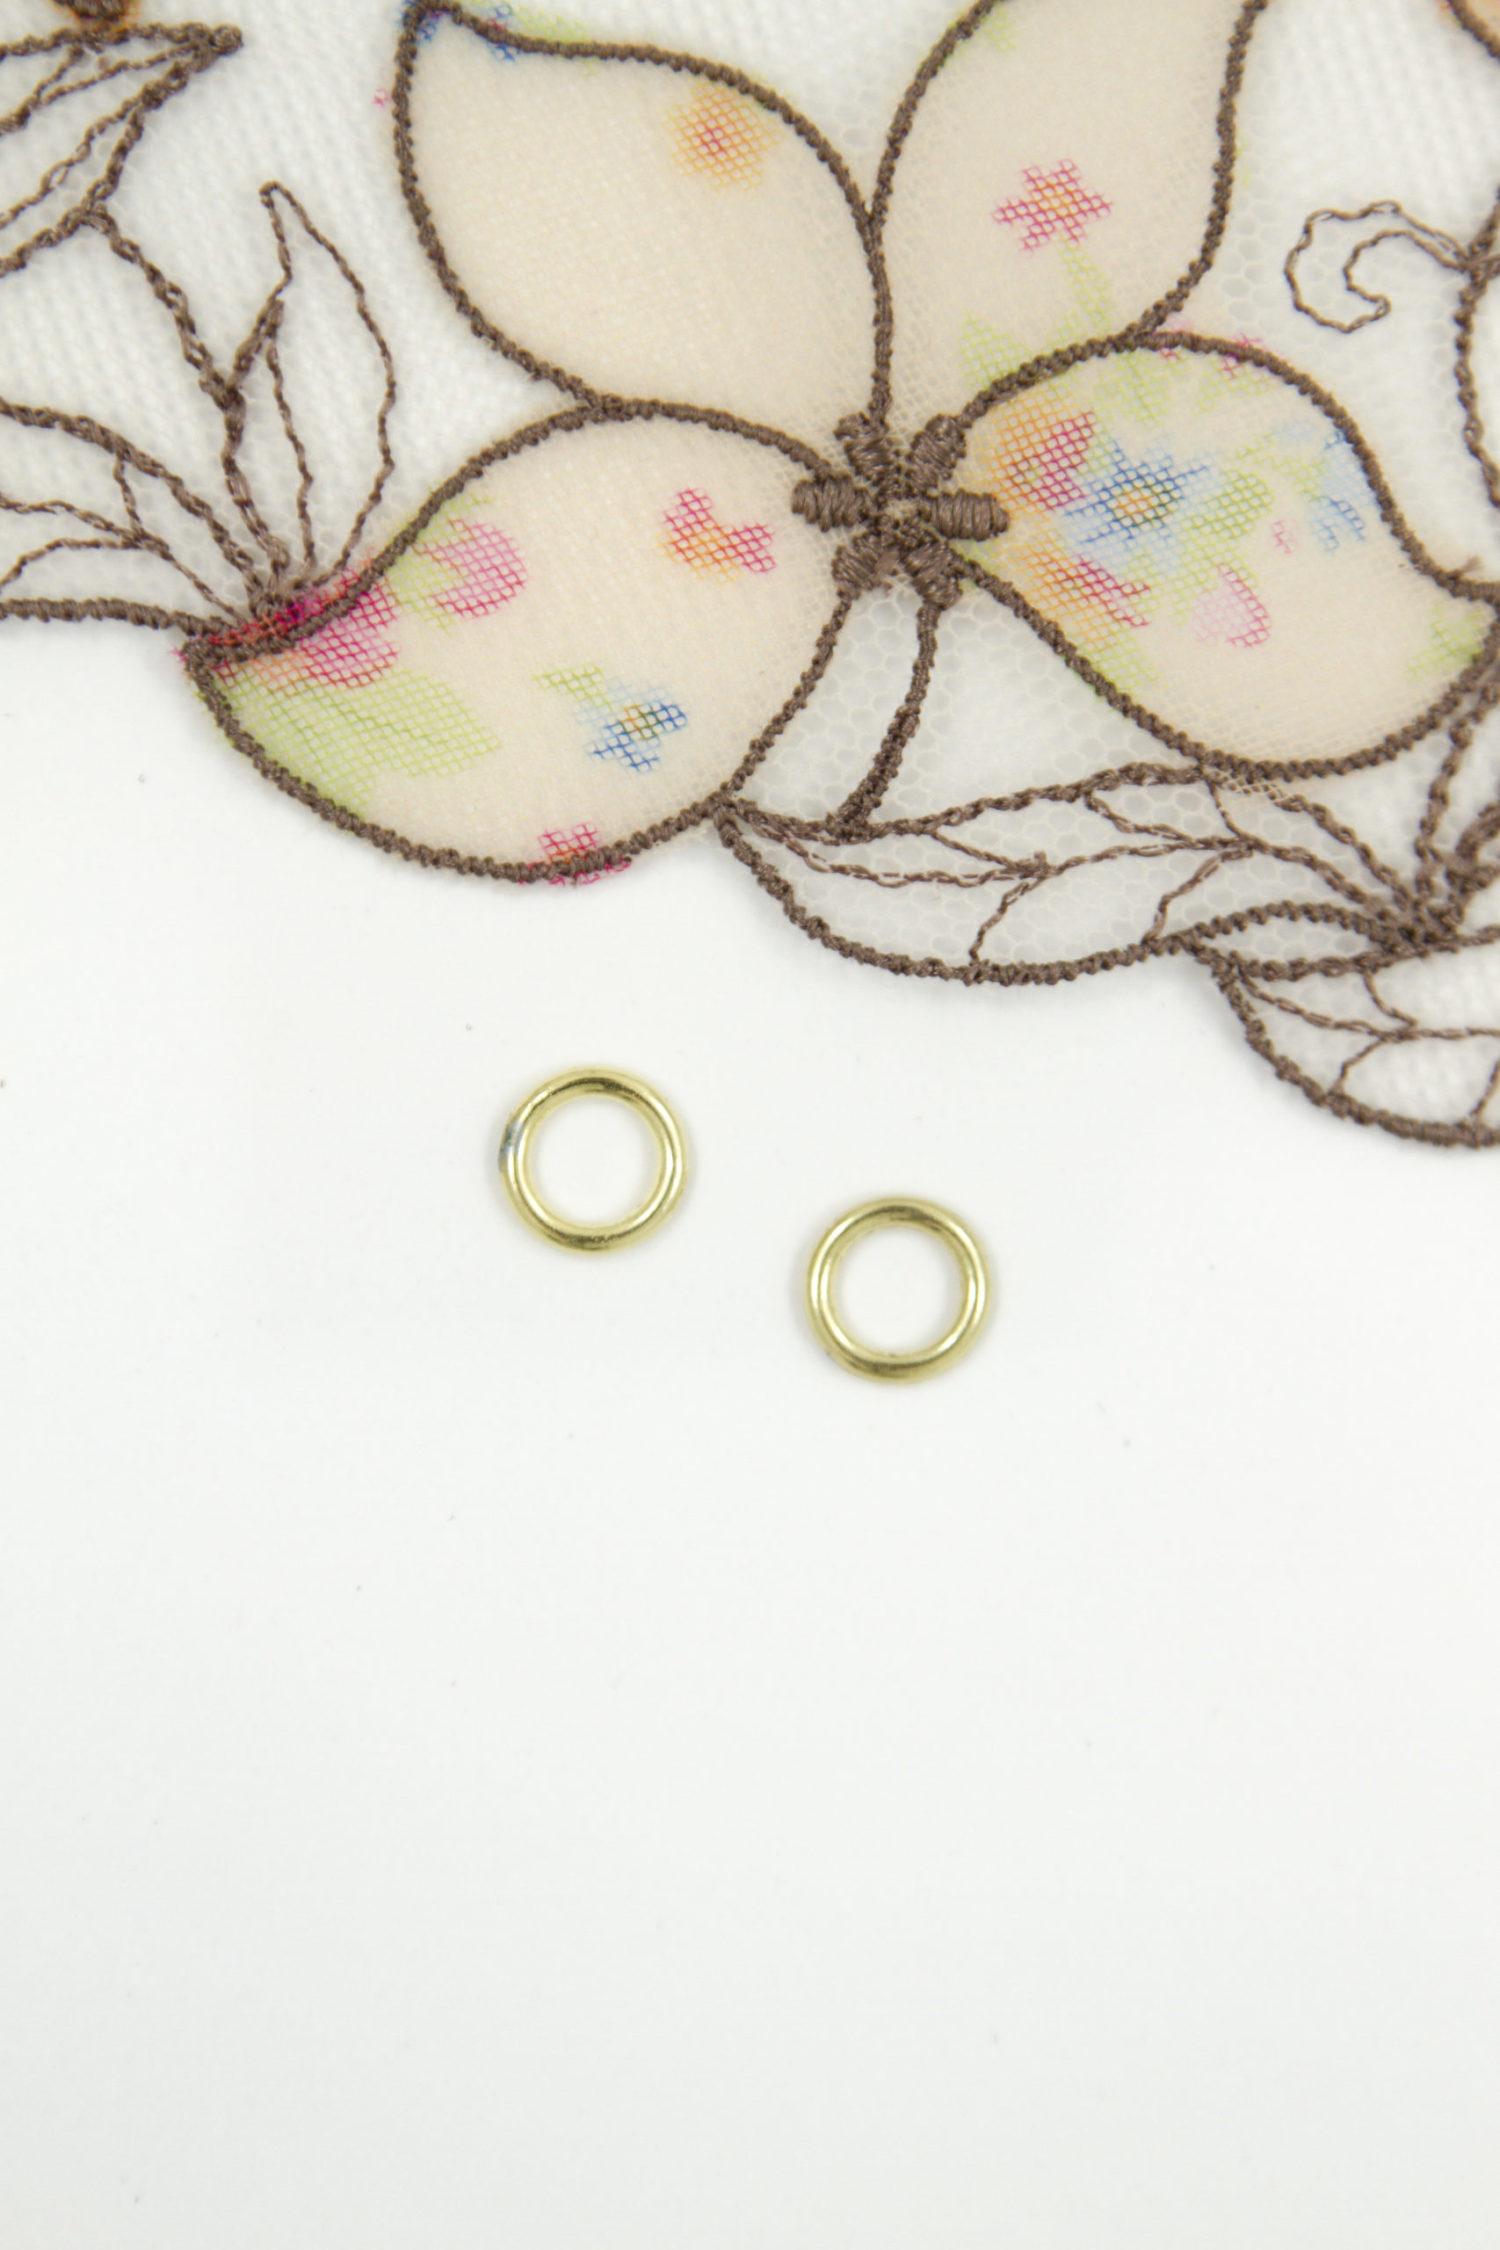 Кольцо металлическое бельевая фурнитура ∅0.6 см золото